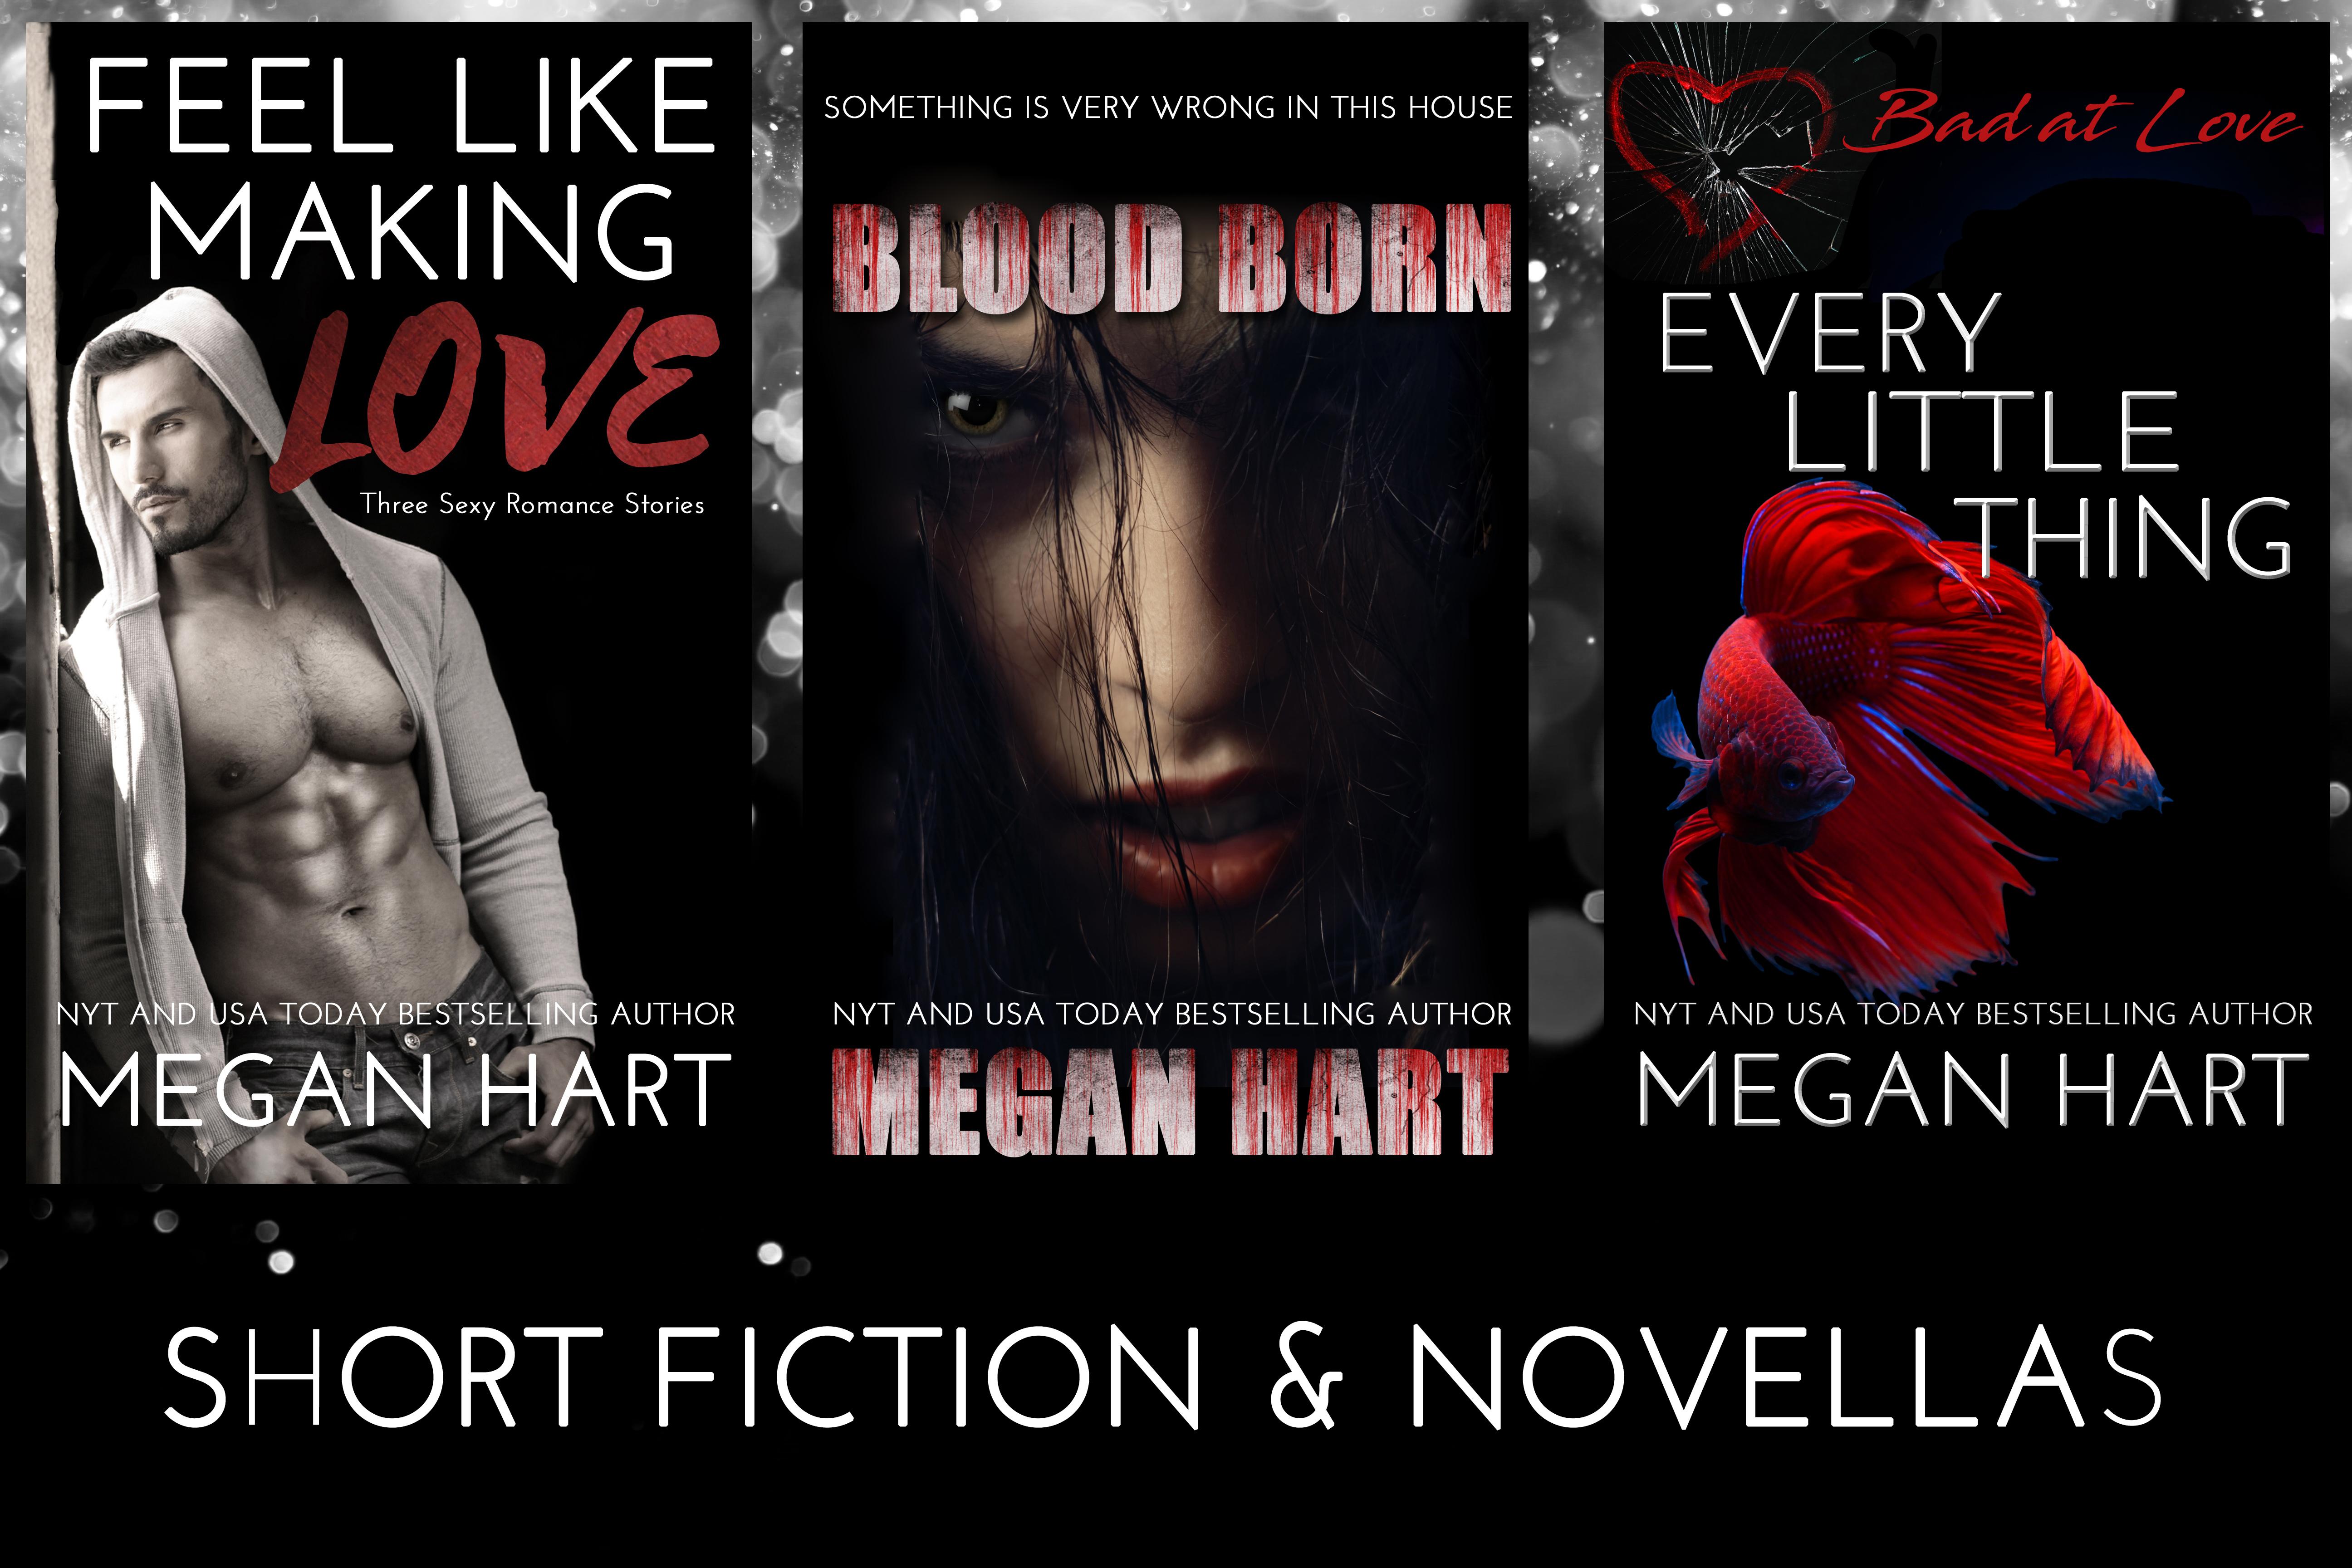 Short Fiction and Novellas